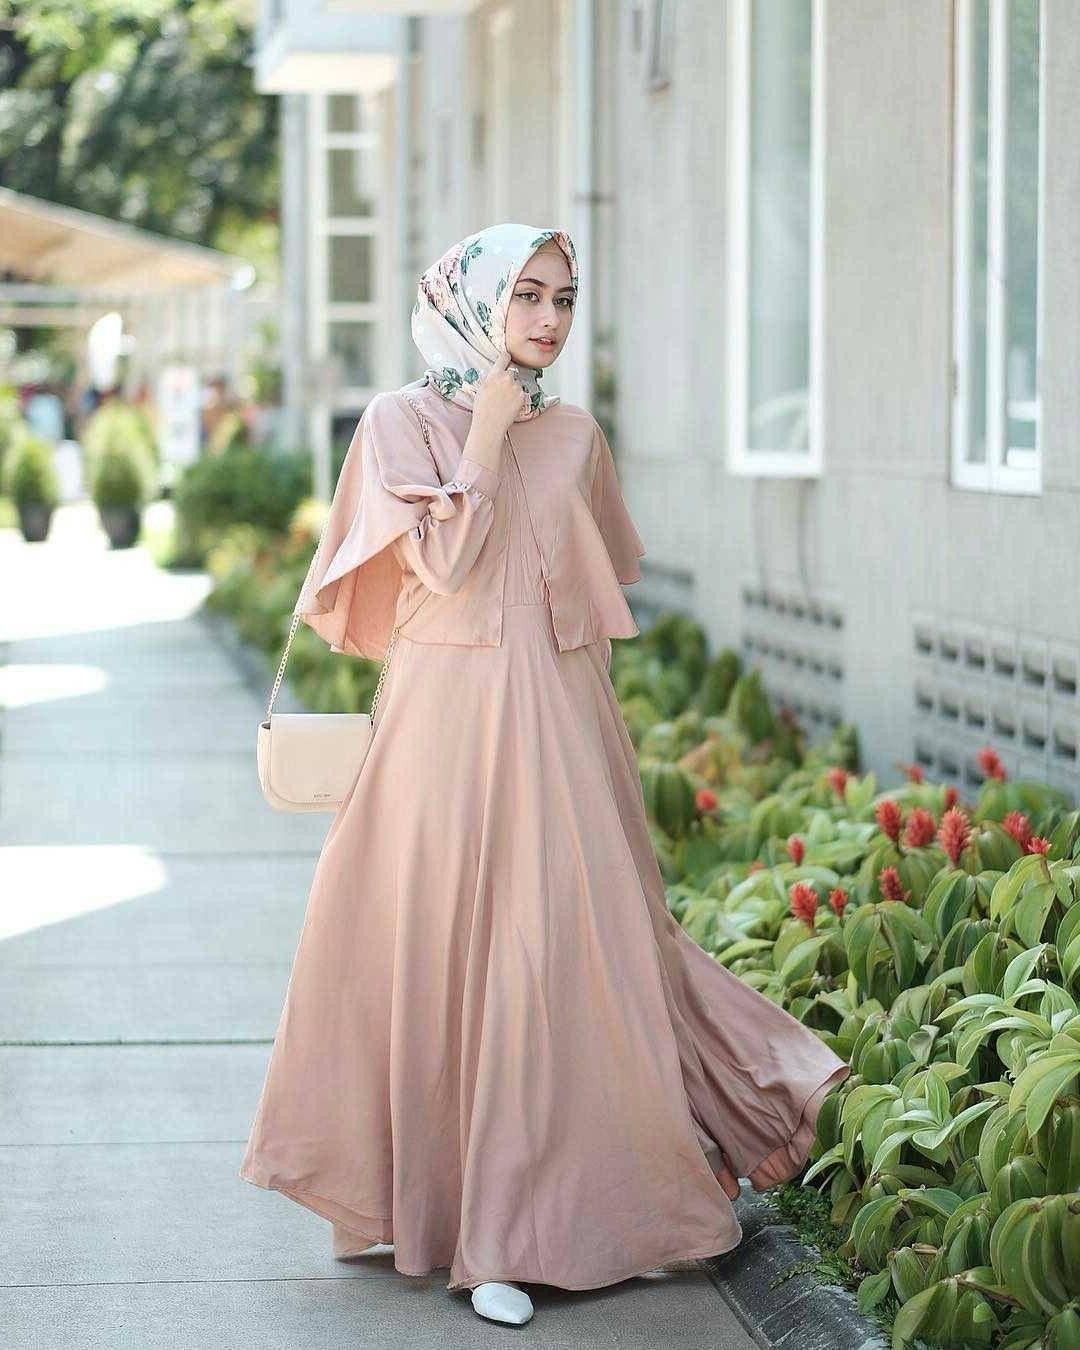 Design Rekomendasi Baju Lebaran 2018 Rldj 21 Model Gamis Lebaran 2018 Desain Elegan Casual Dan Modern